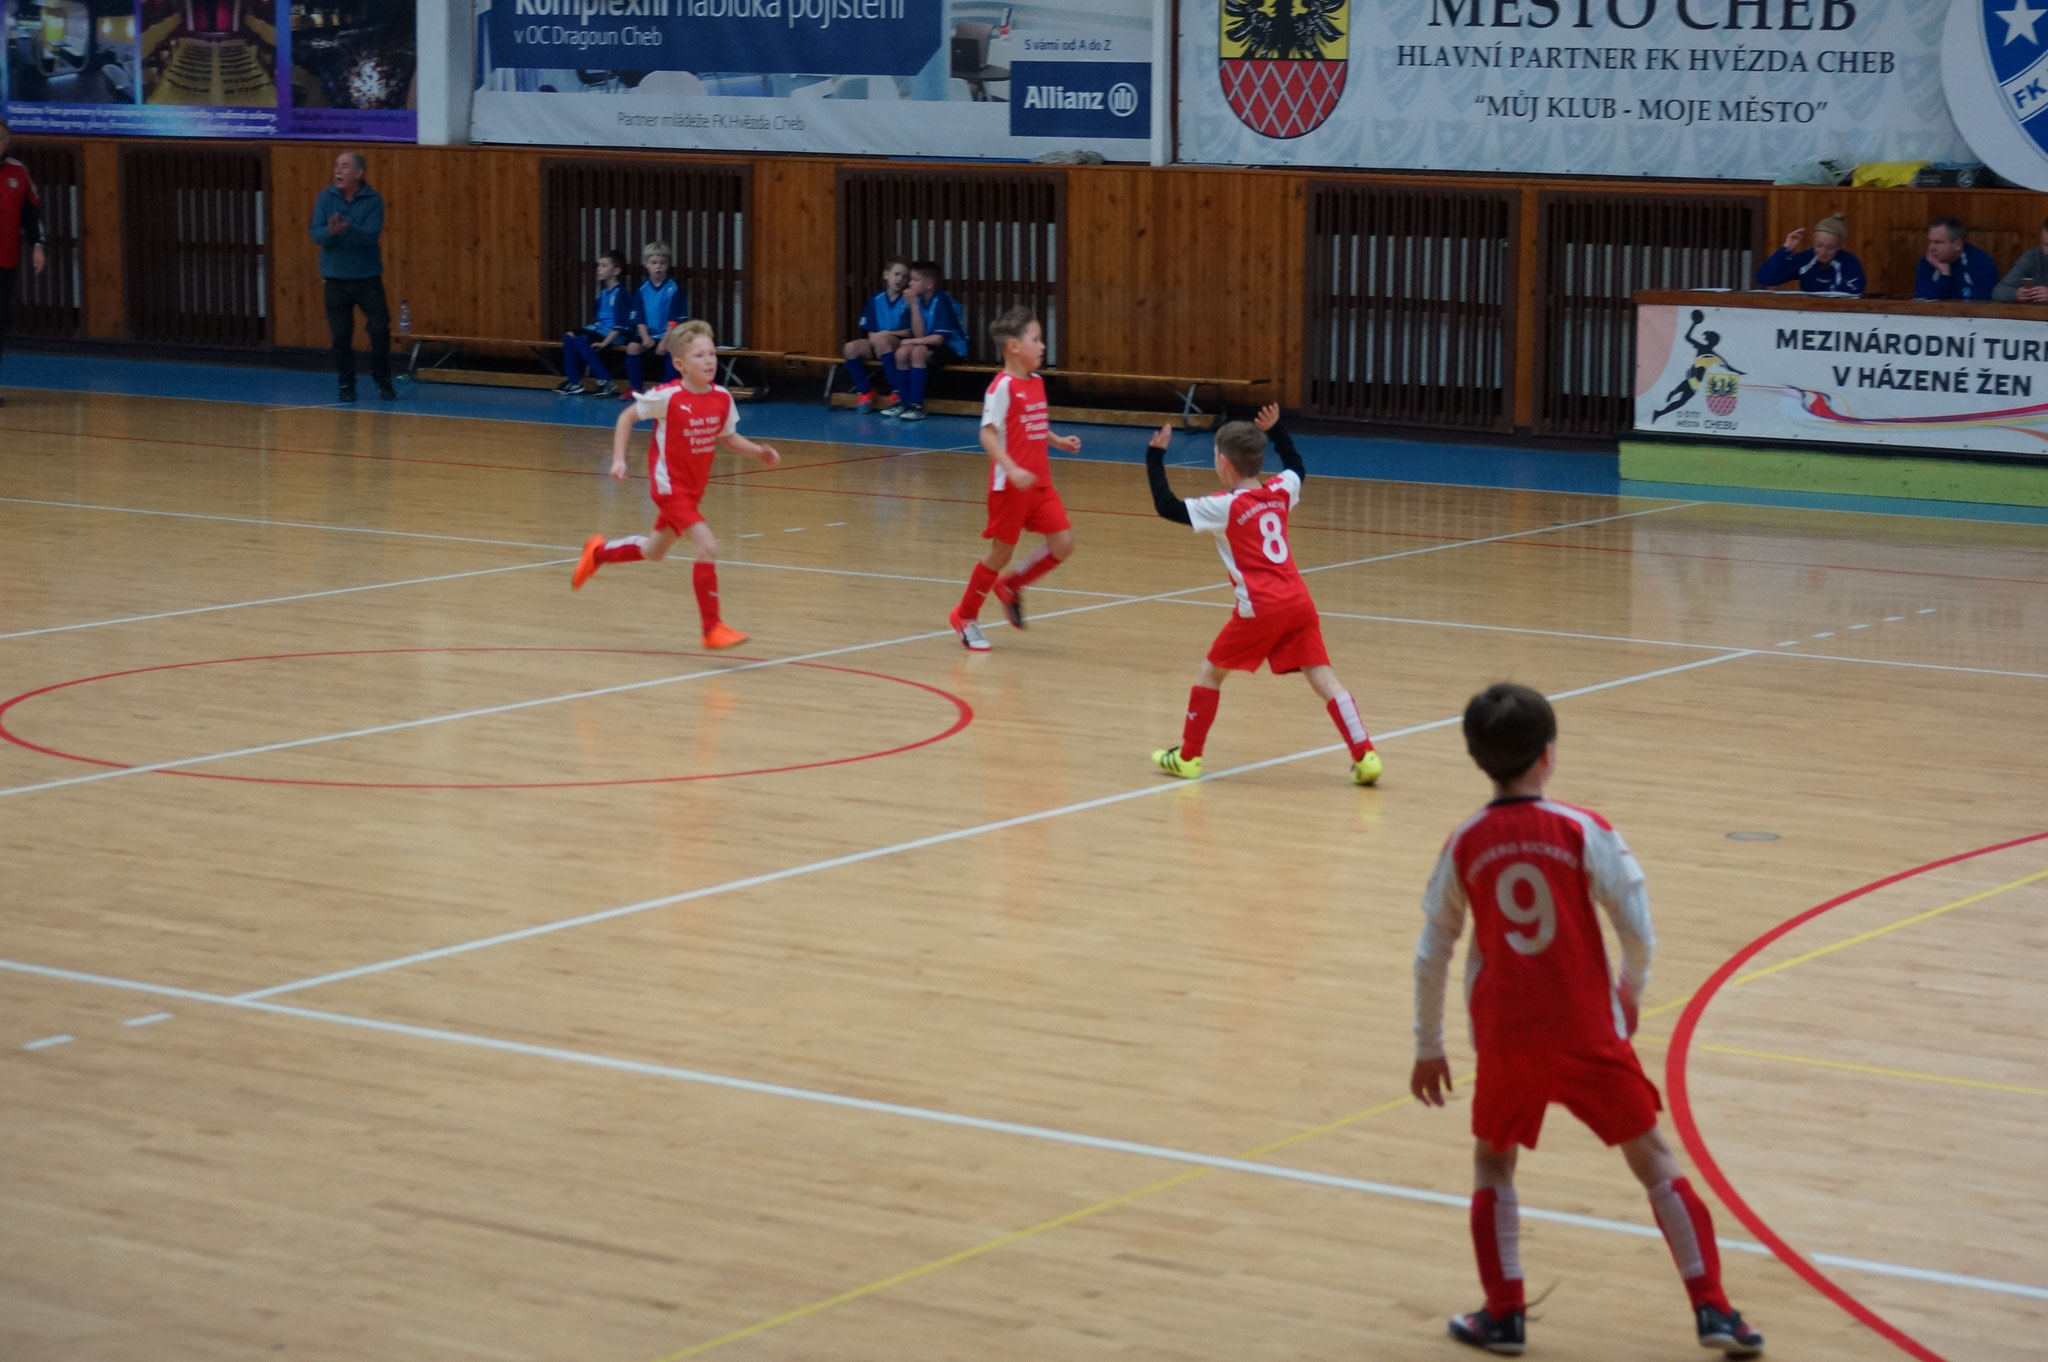 ... in den Vorrundenspielen schlug sich die Crew sensationell ... alle Spiele gewonnen ...